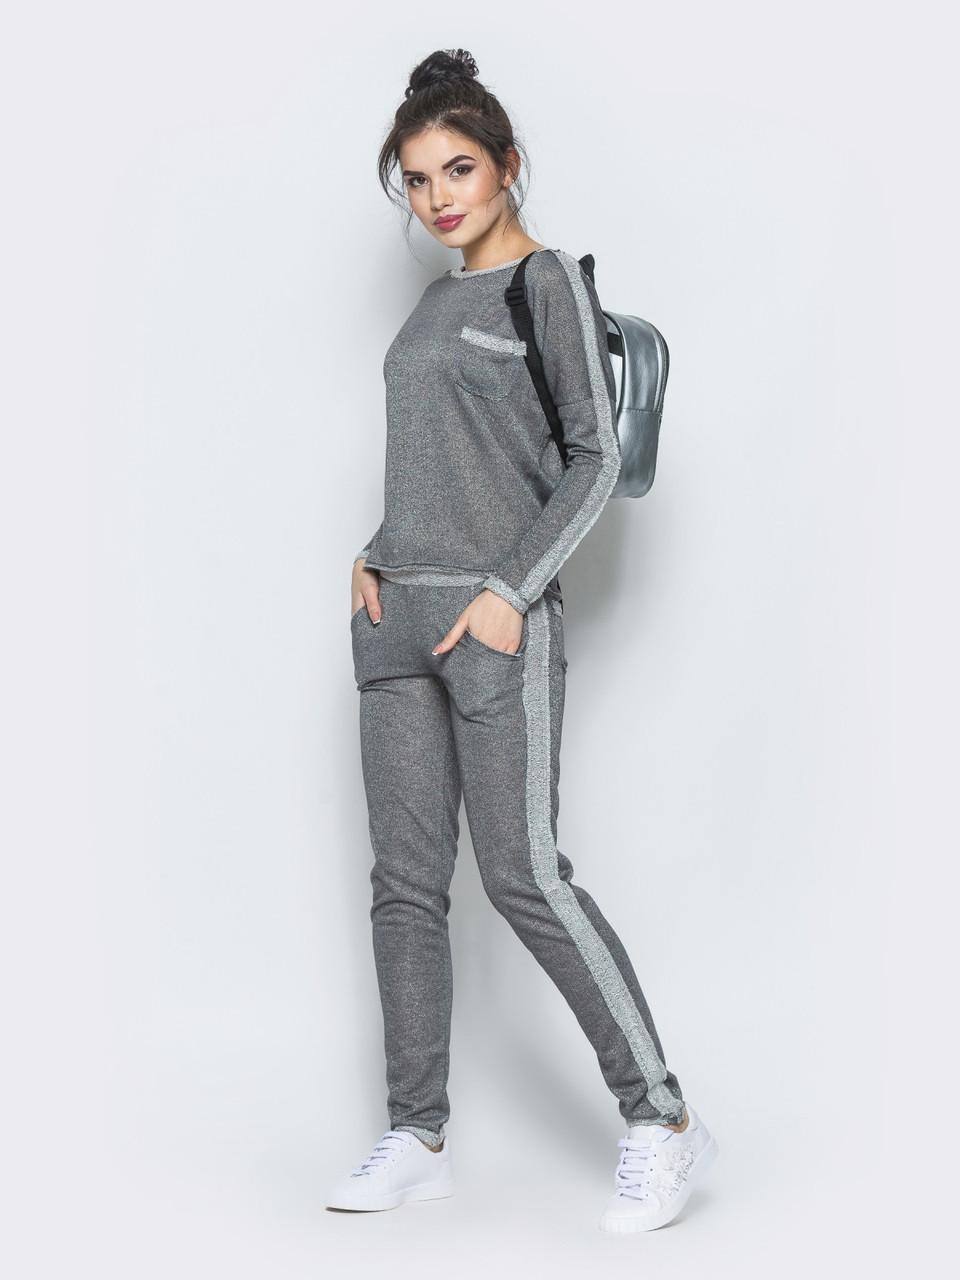 5a63c6b85b7a5 Темно-серый спортивный костюм из трикотажа - Стильная женская одежда оптом и  в розницу ТМ